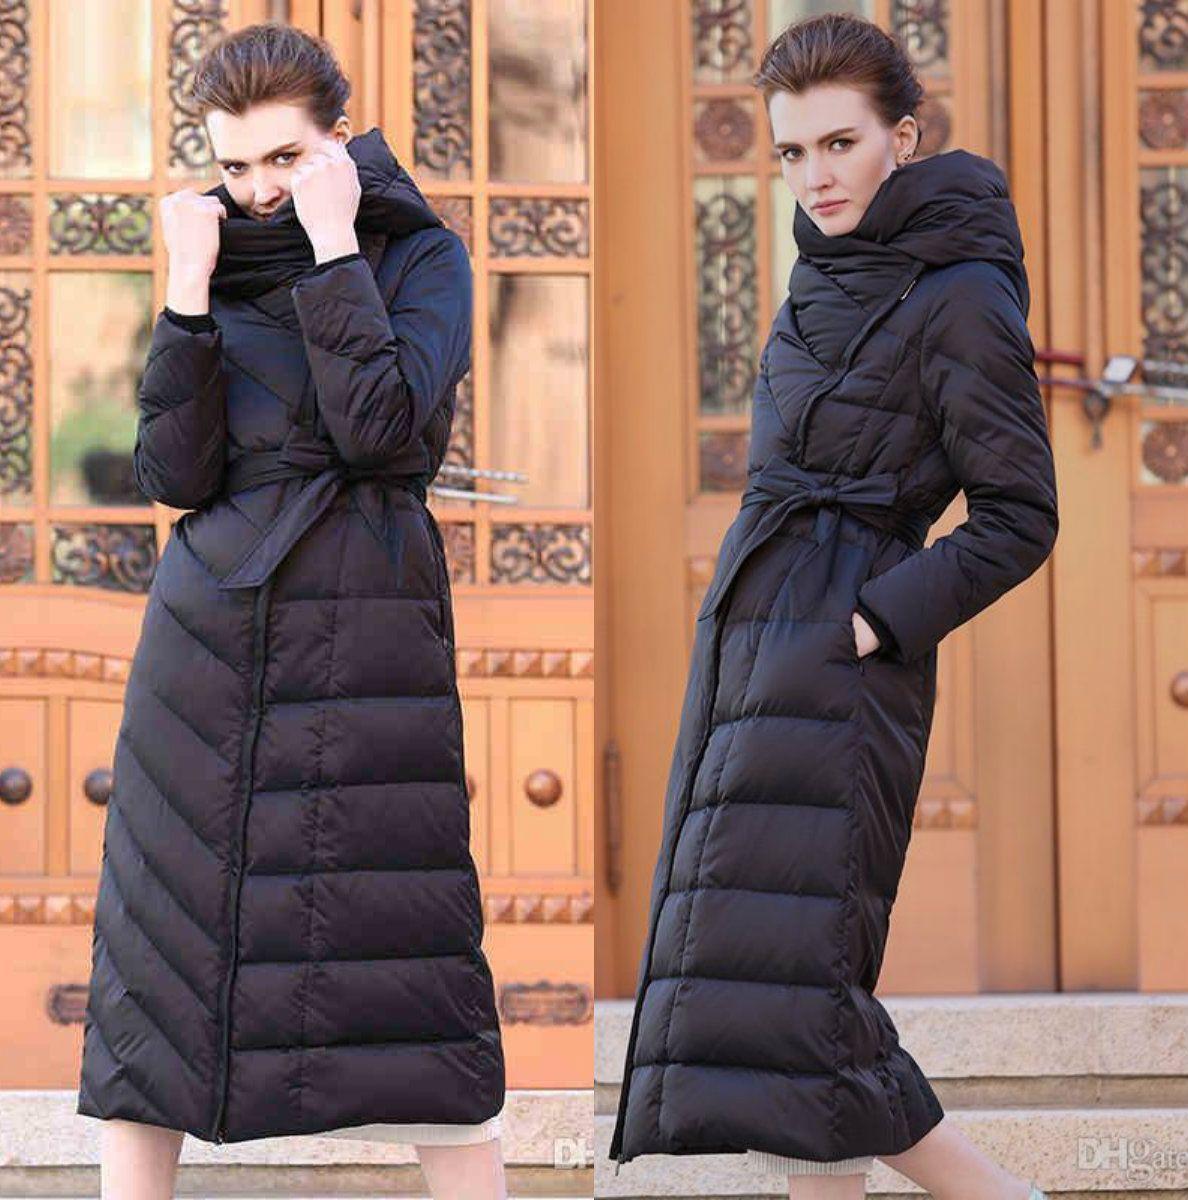 premium selection 85992 a0310 Cappotto lungo da donna nero aderente lungo Cappotto lungo invernale bianco  con piumino d anatra